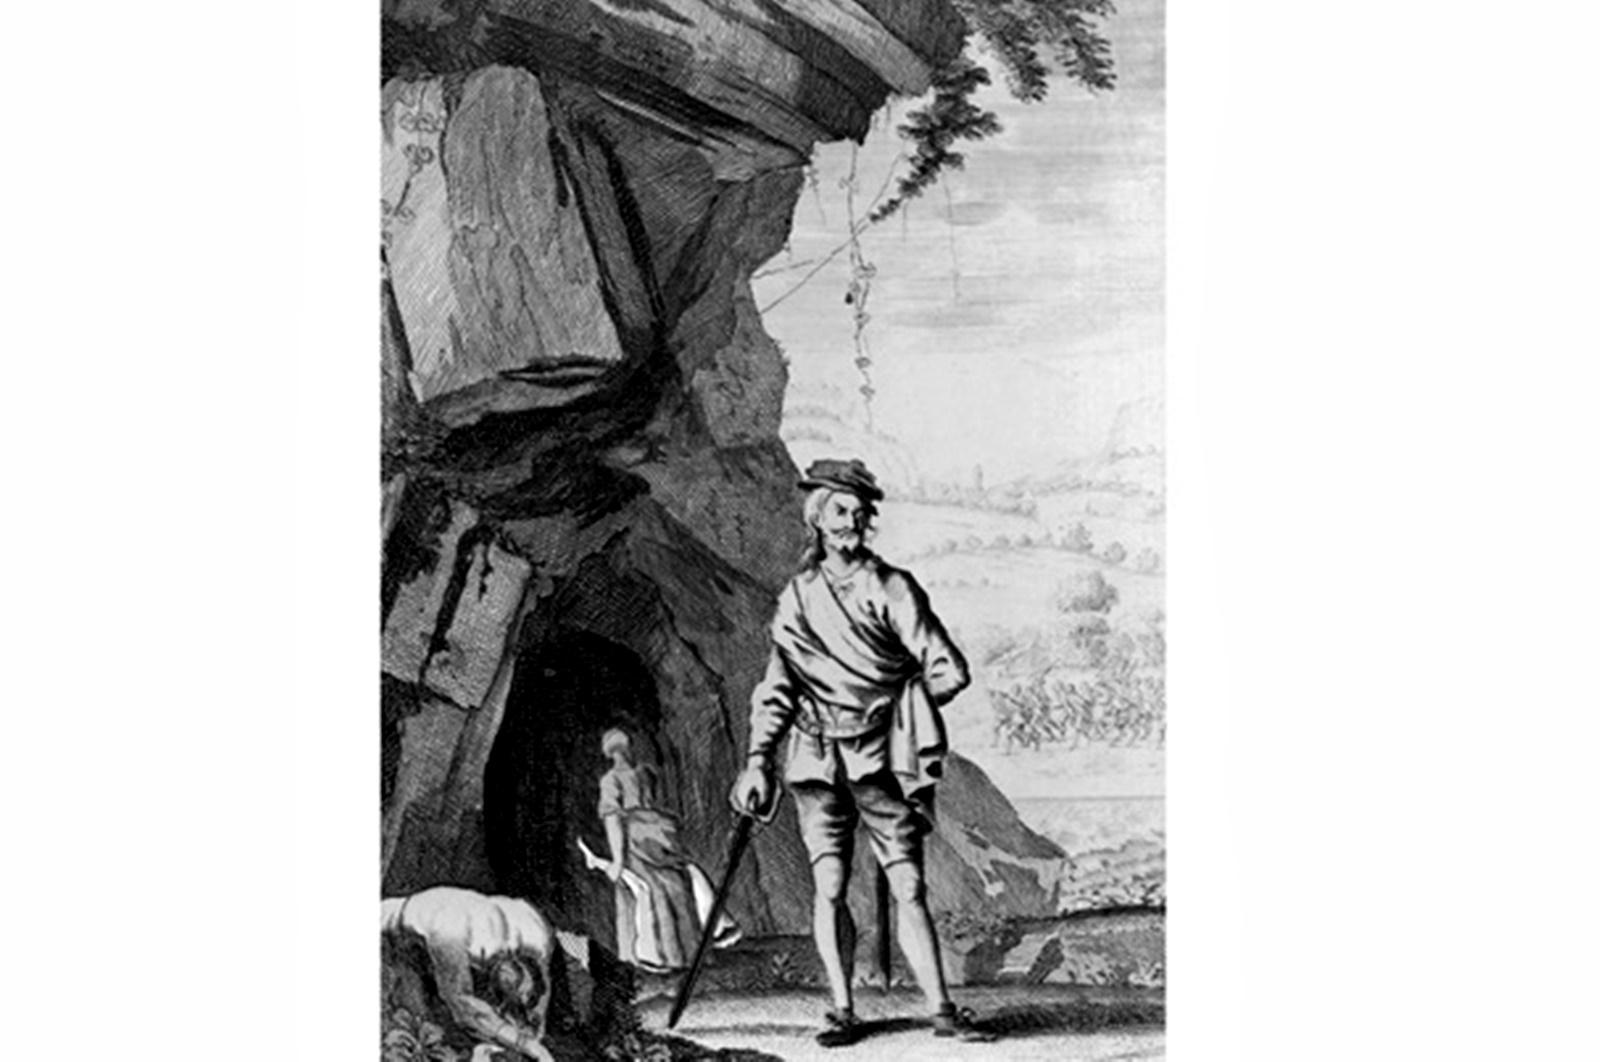 Смята се, че Александър Сауни Баан, е роден в края на XIV в. близо до Единбург. Предполага се, че се е занимавал с кожарство, копаене или плетене на огради. След като среща любовта на живота си, той зарязва всичко и се отделя от обществото. Двамата със съпругата му заживяват в пещера в Югозападна Шотландия, достатъчно просторна, за да създадат огромно семейство. Това се случва скоро - жената на Сауни му ражда 14 деца за кратък период от време.